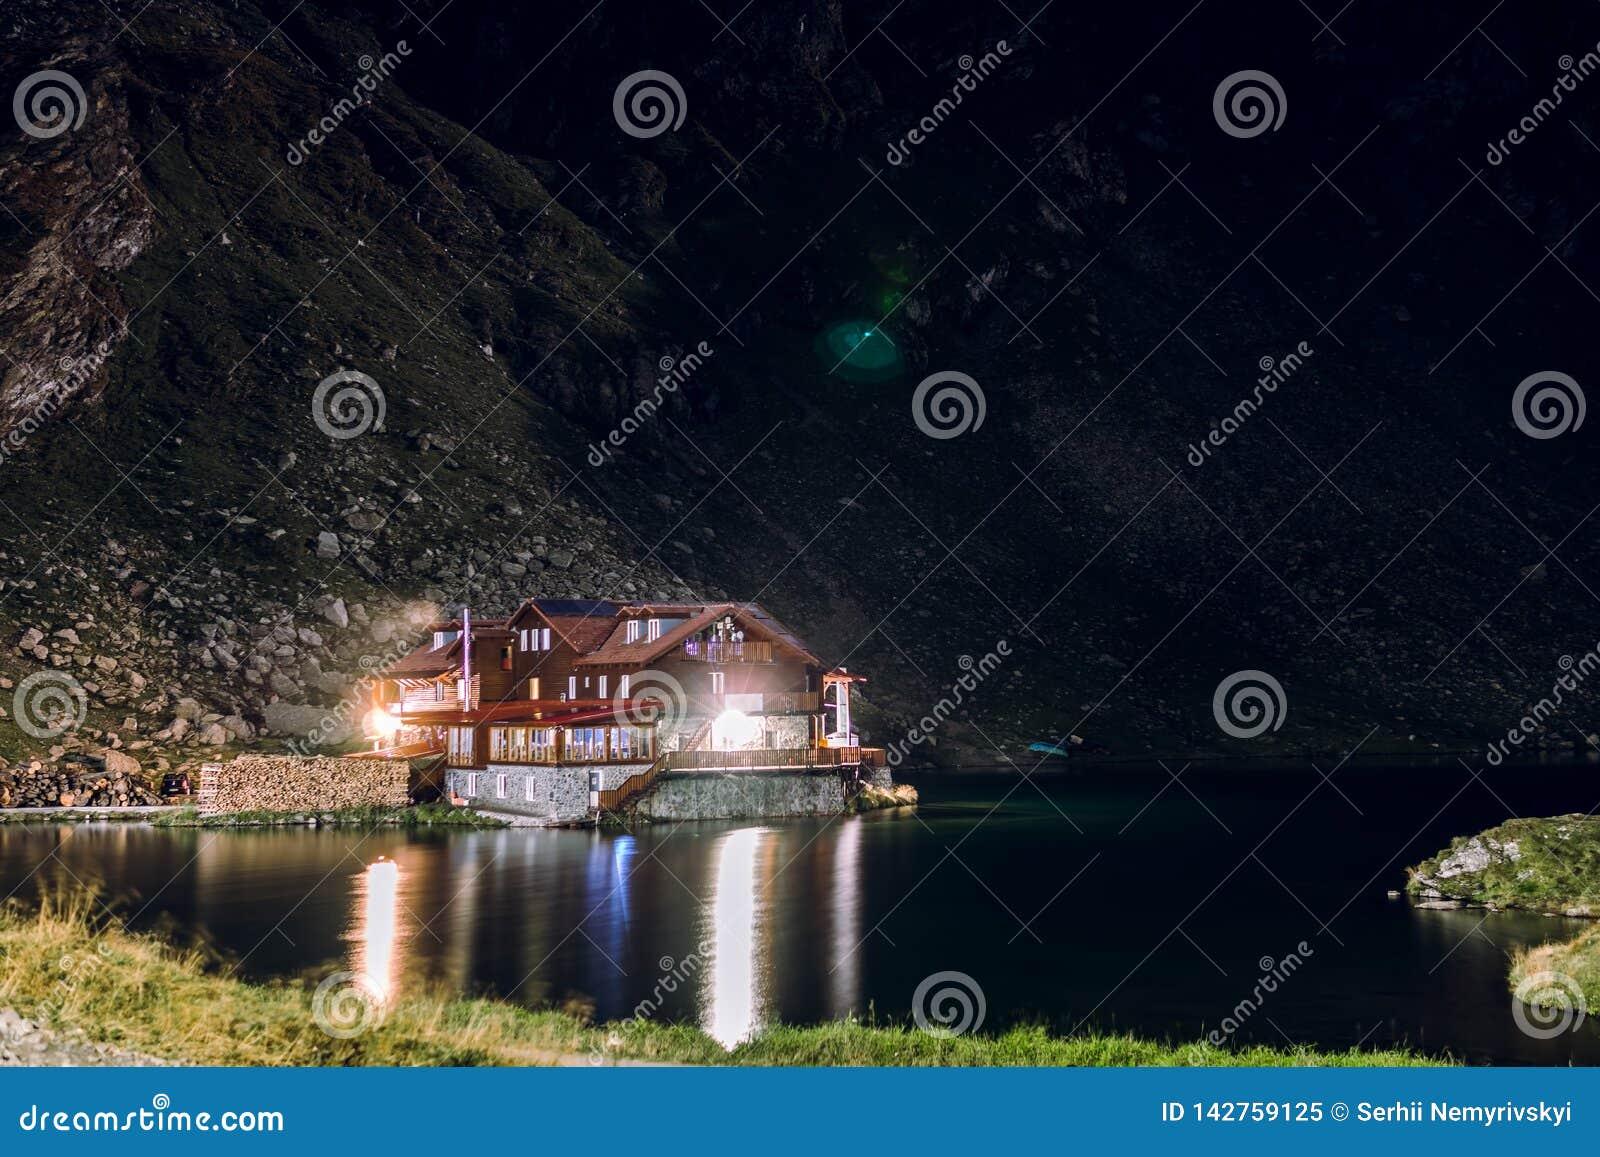 Opinião da noite na casa, o hotel na costa de um lago da montanha, a laca de Balea, o conceito do turismo e das férias, o curso e